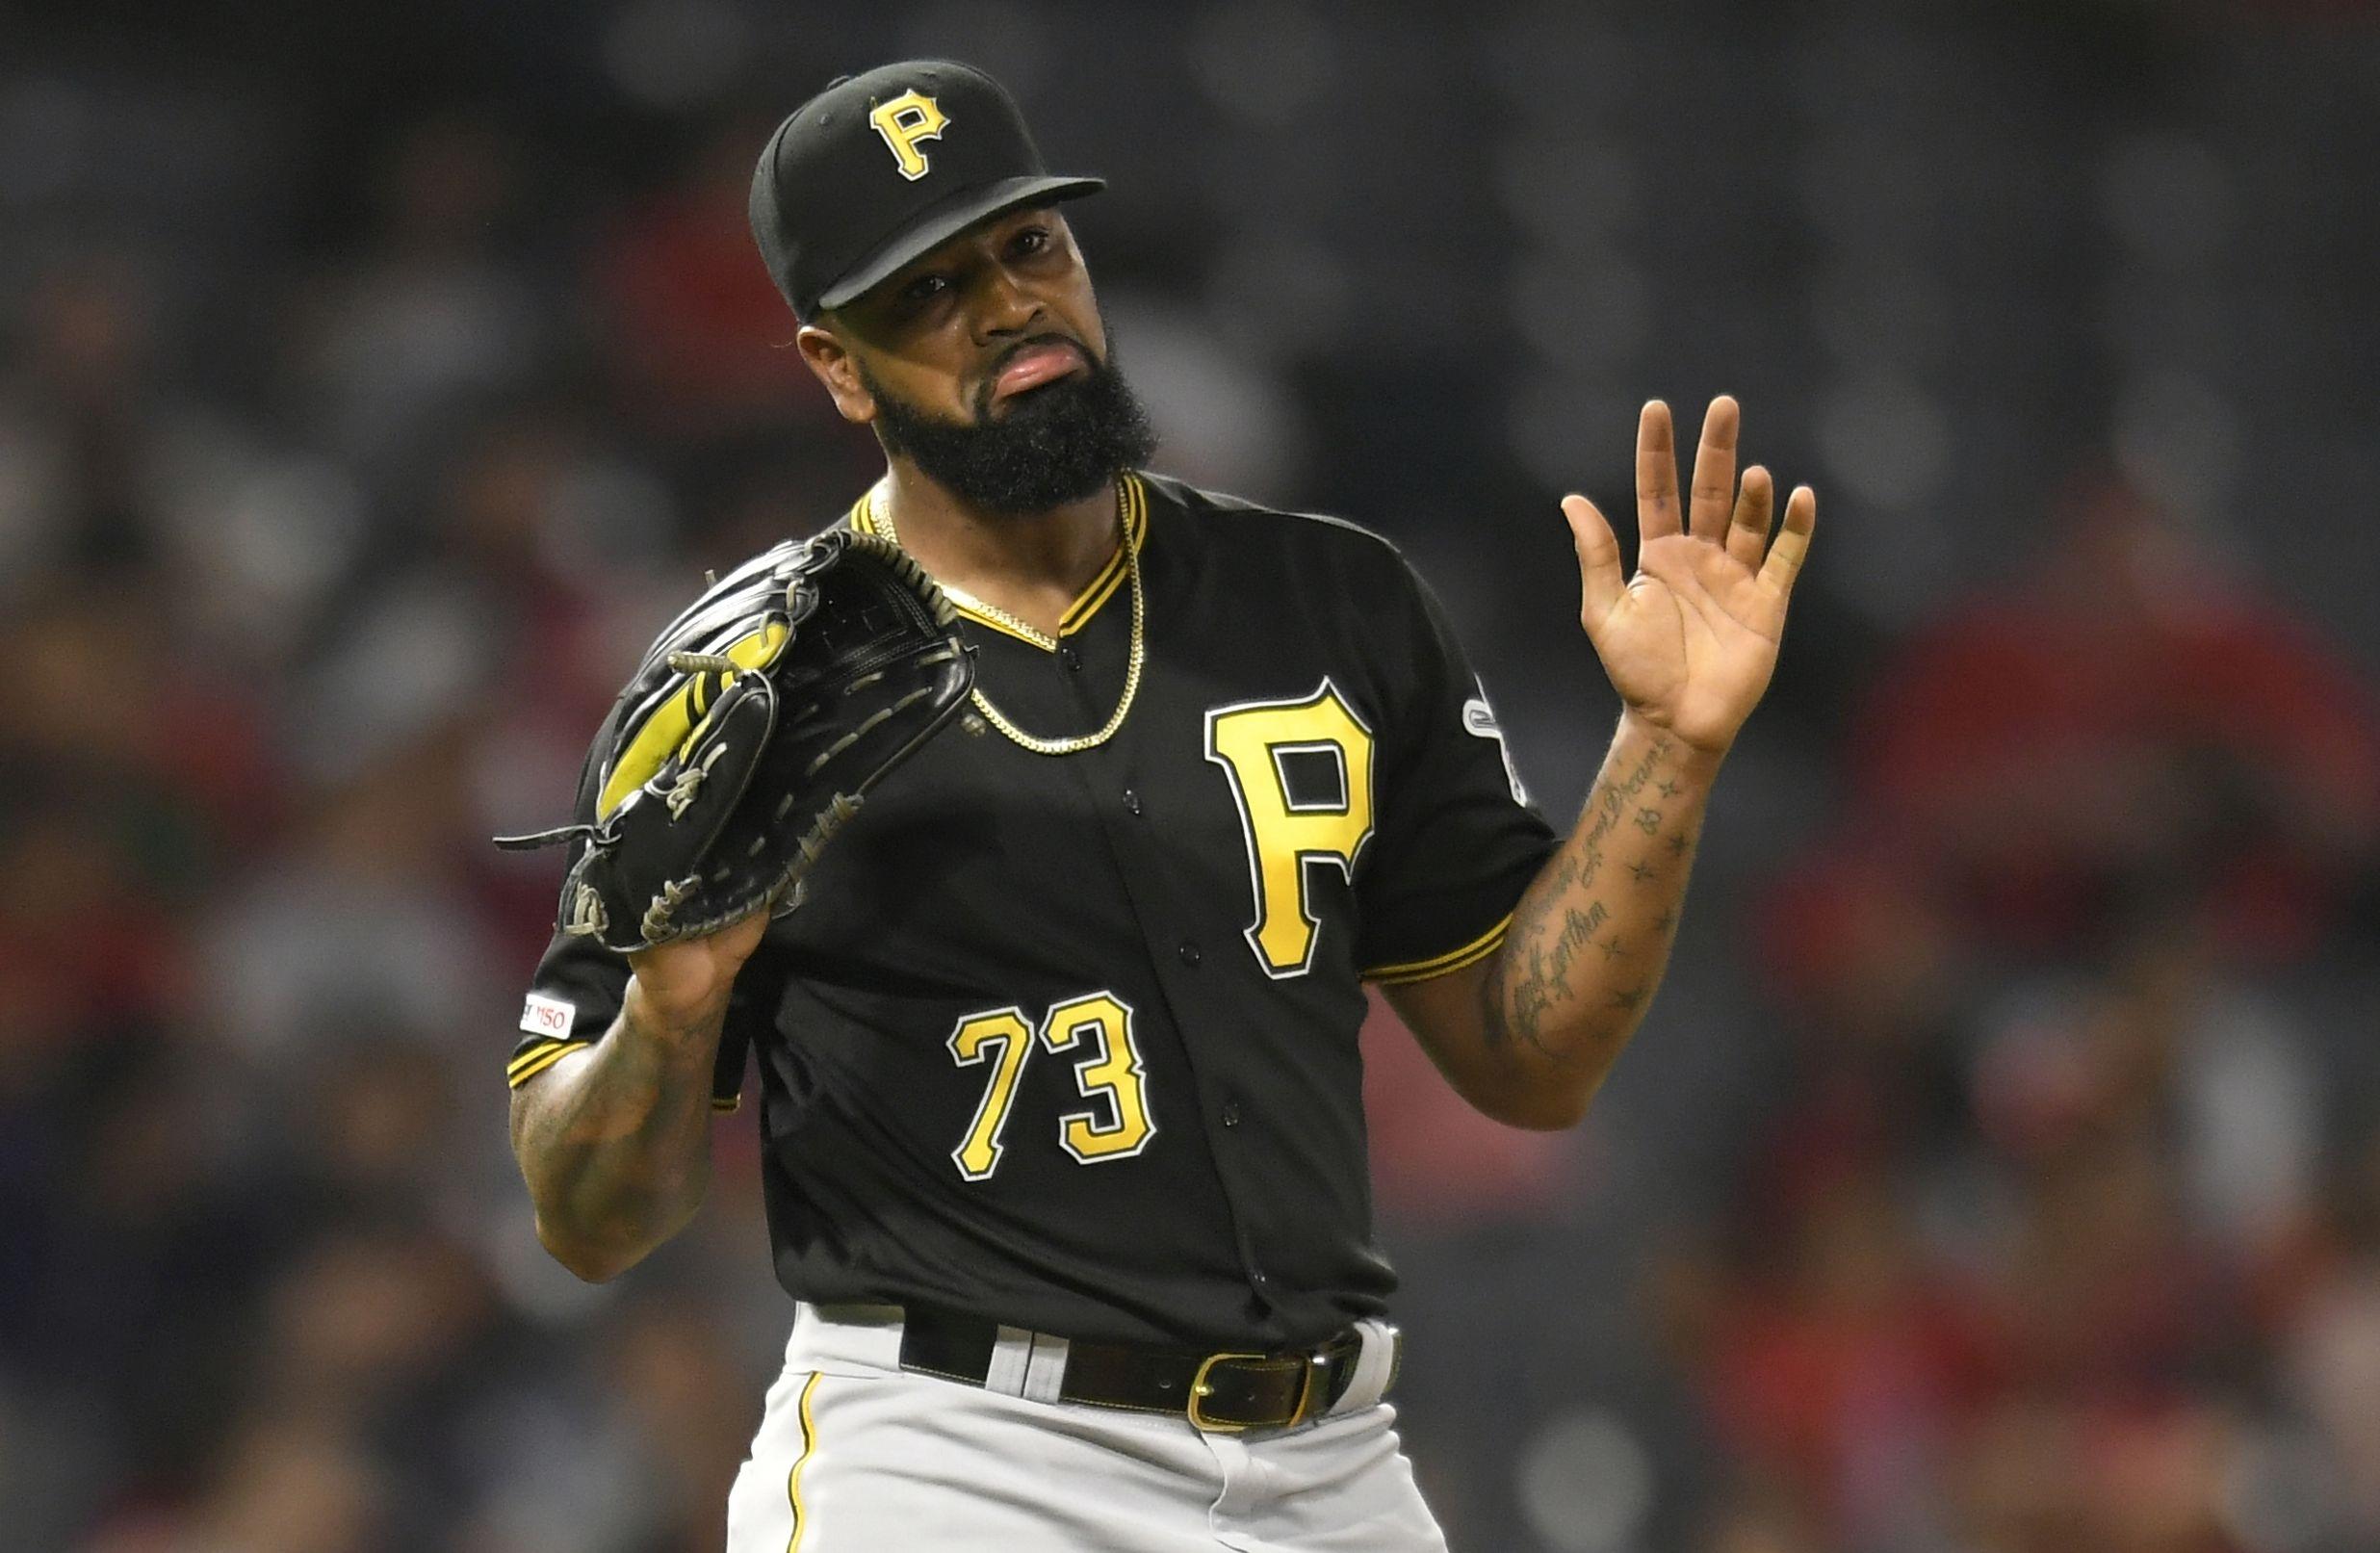 Звездният клоузър на бейзболния Питсбърг Пайрътс Фелипе Васкес е арестуван